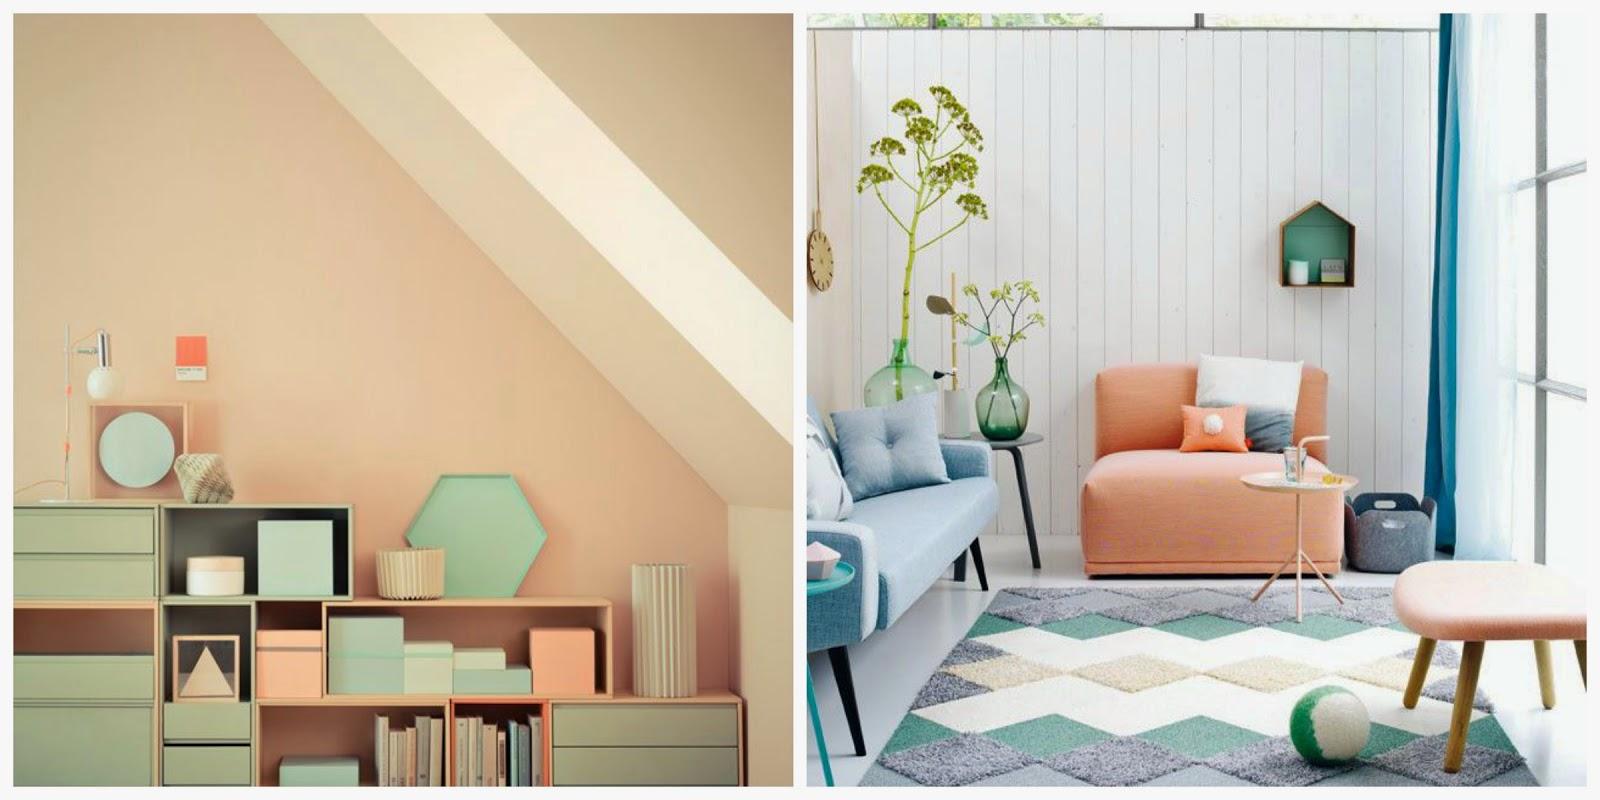 34 ideas para decorar con durazno peach y rosa empolvado - Pared naranja combina con ...